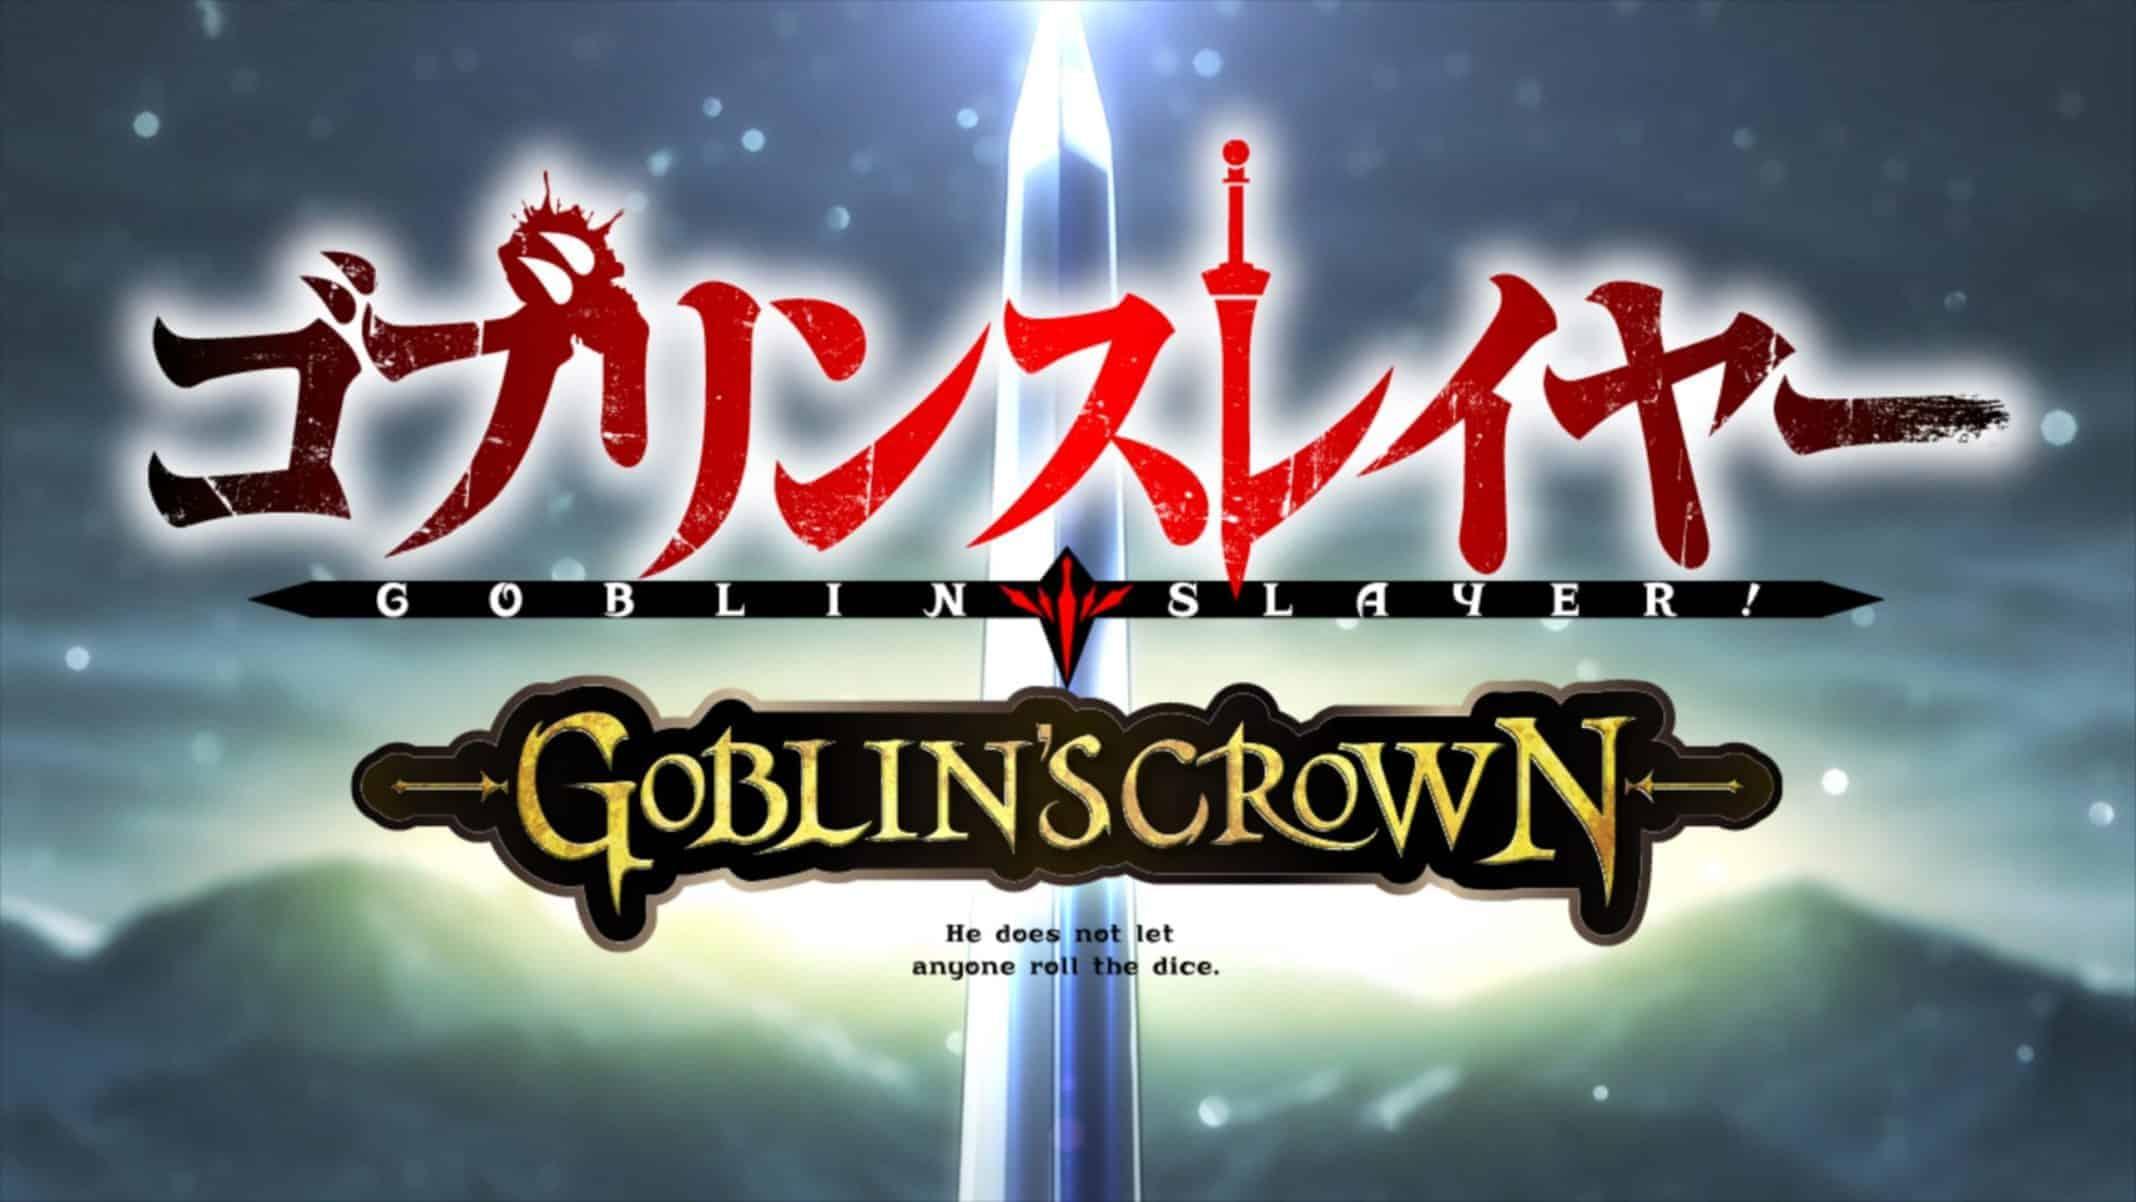 Title Card - Goblin Slayer Season 1 Goblin's Crown